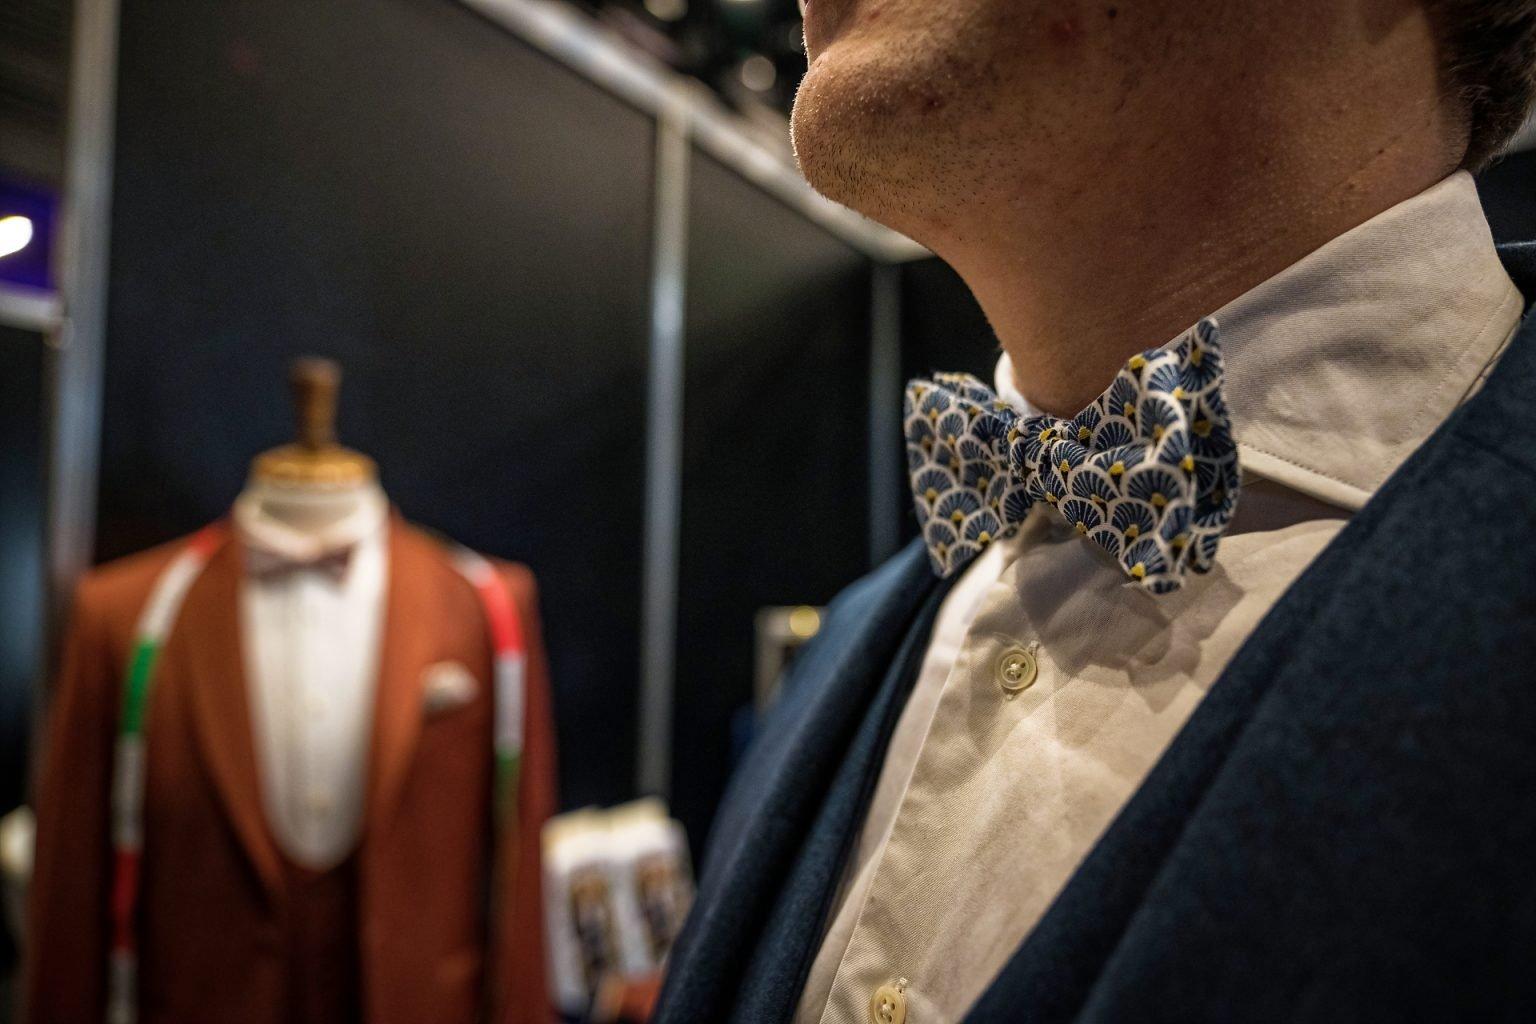 Détail d'un costume sur mesure, Salon Party and Wedding à la Sucrerie de Wavre, 15/02/2020